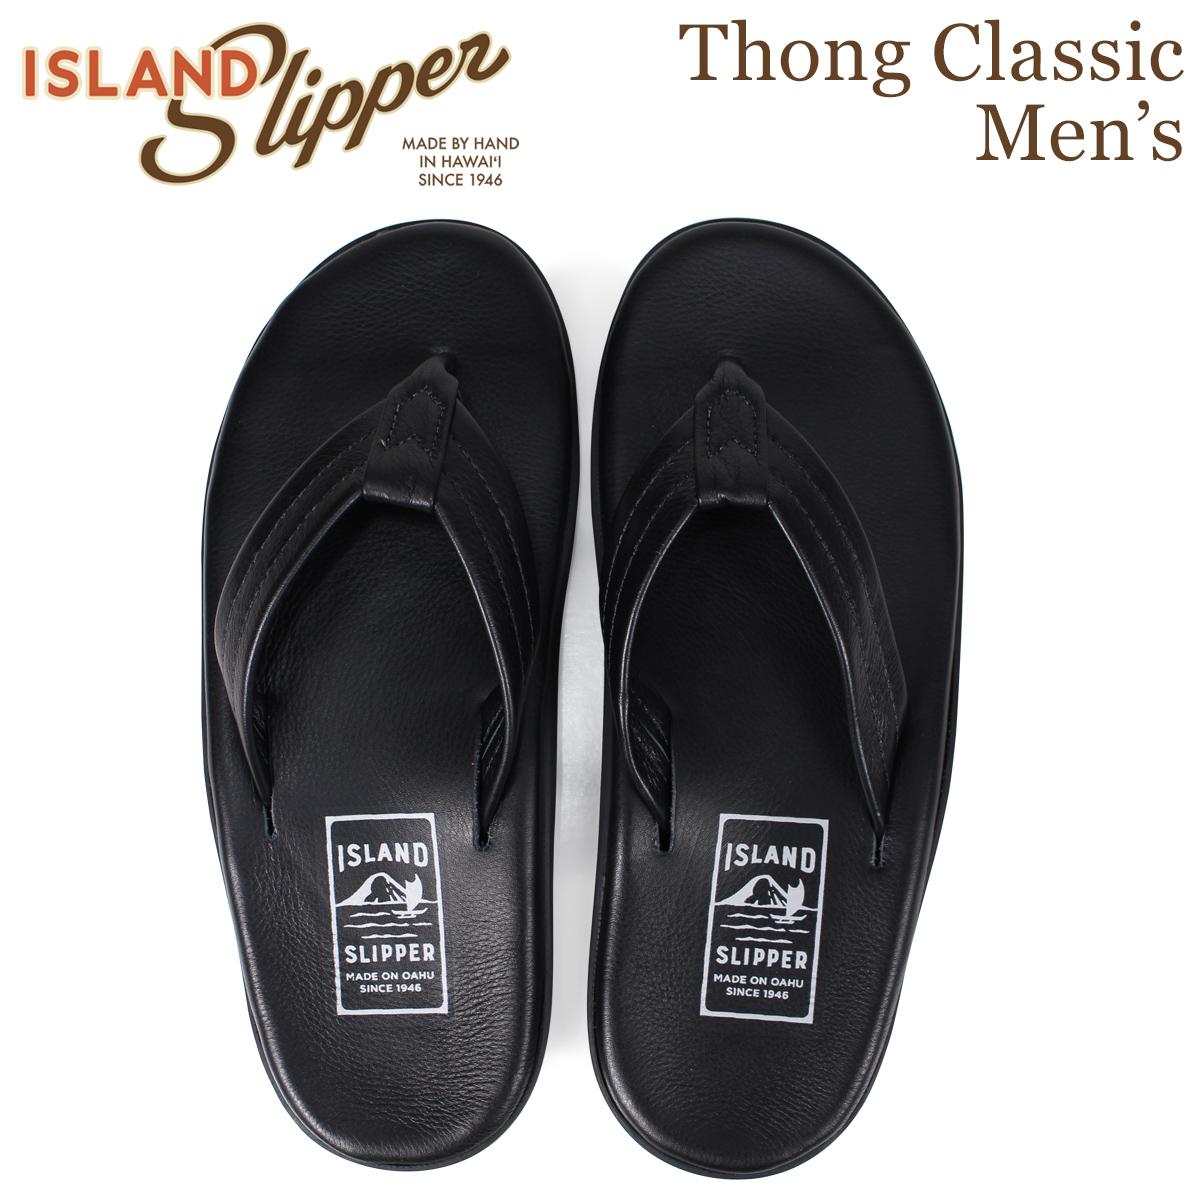 アイランドスリッパ ISLAND SLIPPER サンダル トングサンダル クラシック メンズ レザー THONG CLASSIC ブラック PB202